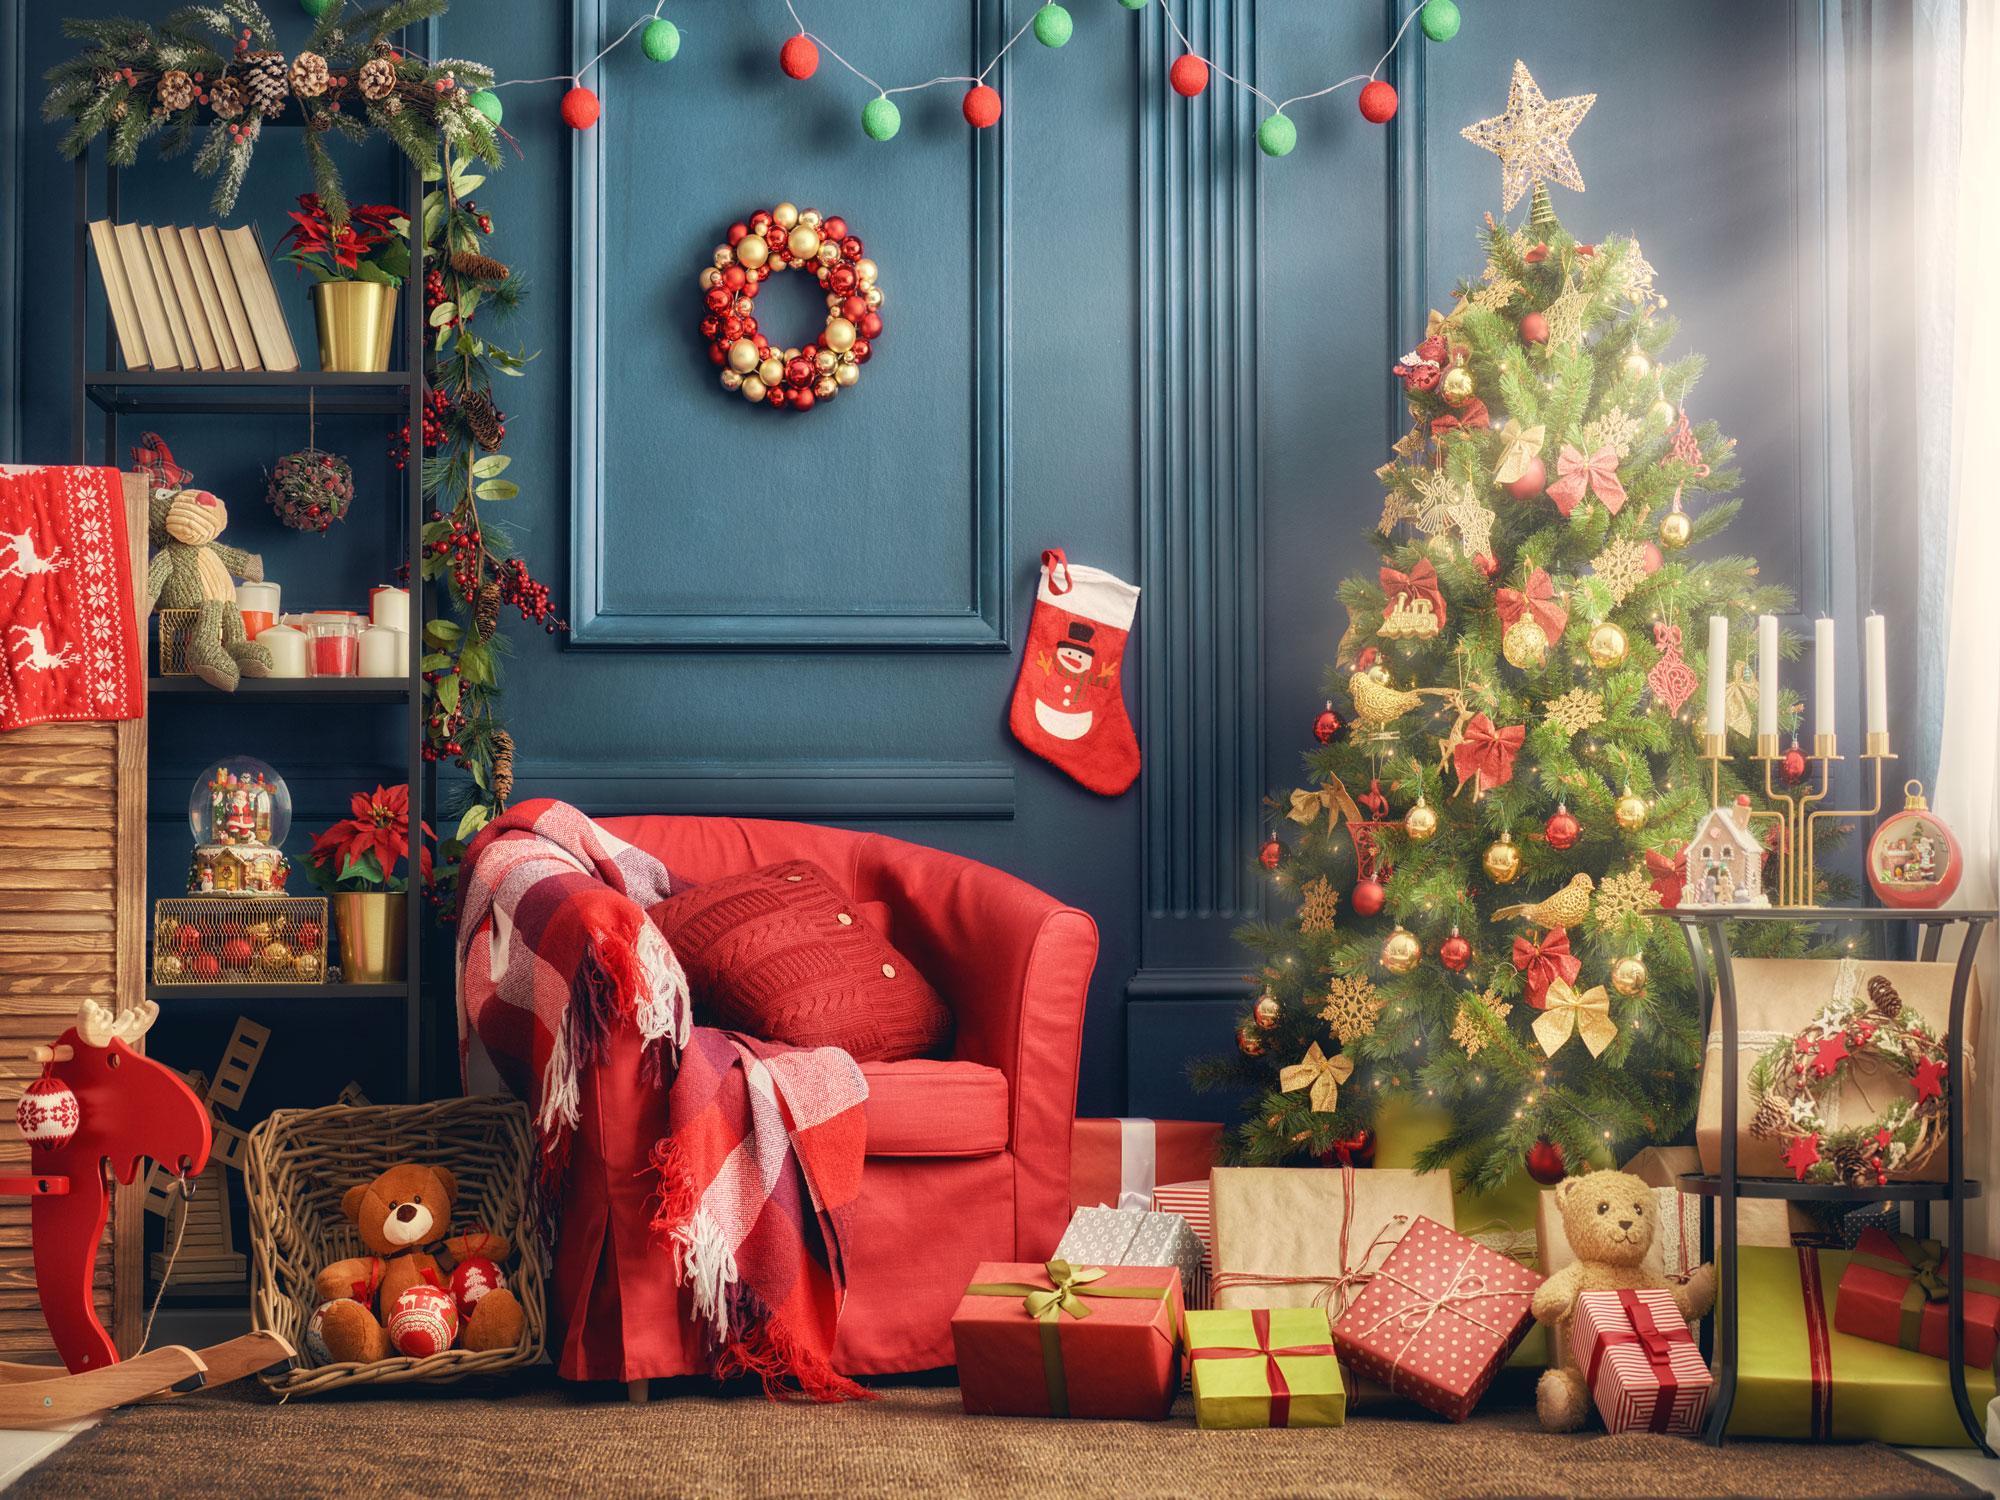 Sala de estar de Navidad decorado vinilo fondos de fotografía regalos Fondos del árbol de navidad Photo Booth para Happy Holidays Studio Atrezzo